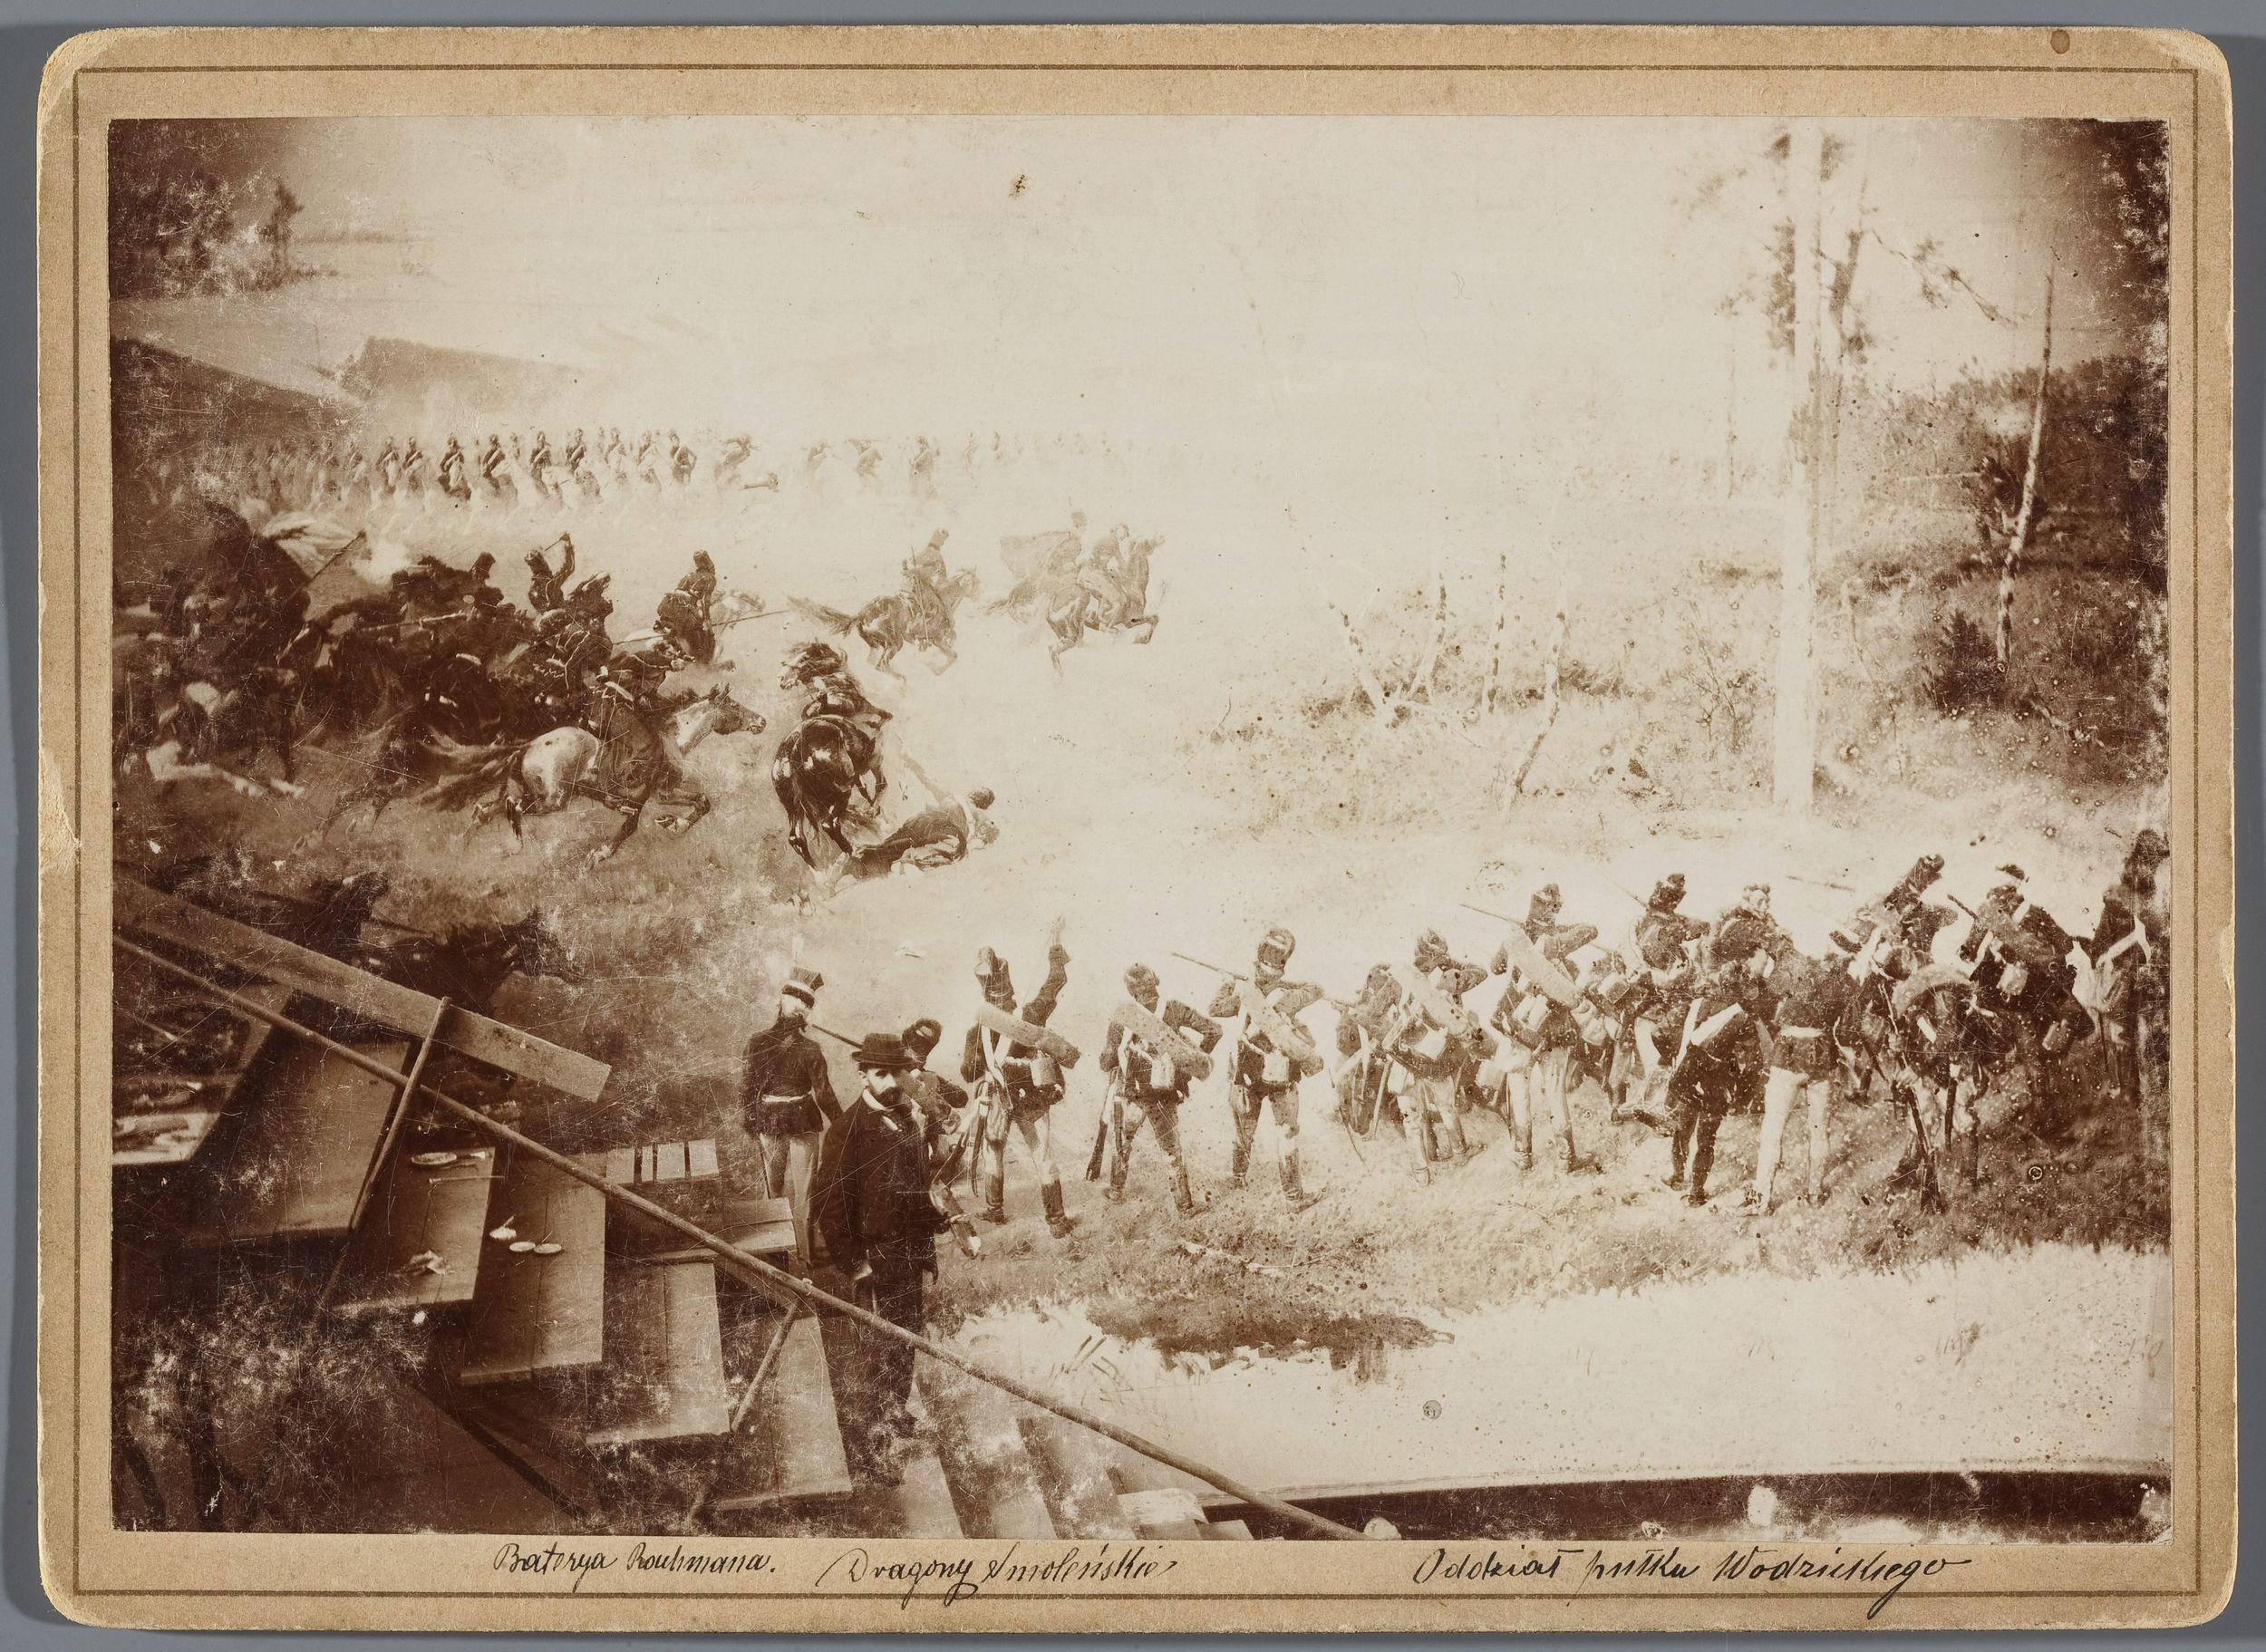 """Teodor Axentowicz na tle 2 Regimentu Gen. Wodzickiego """"Panoramy Racławickiej"""", ok. 1894 roku, źródło: Muzeum Narodowe w Warszawie"""